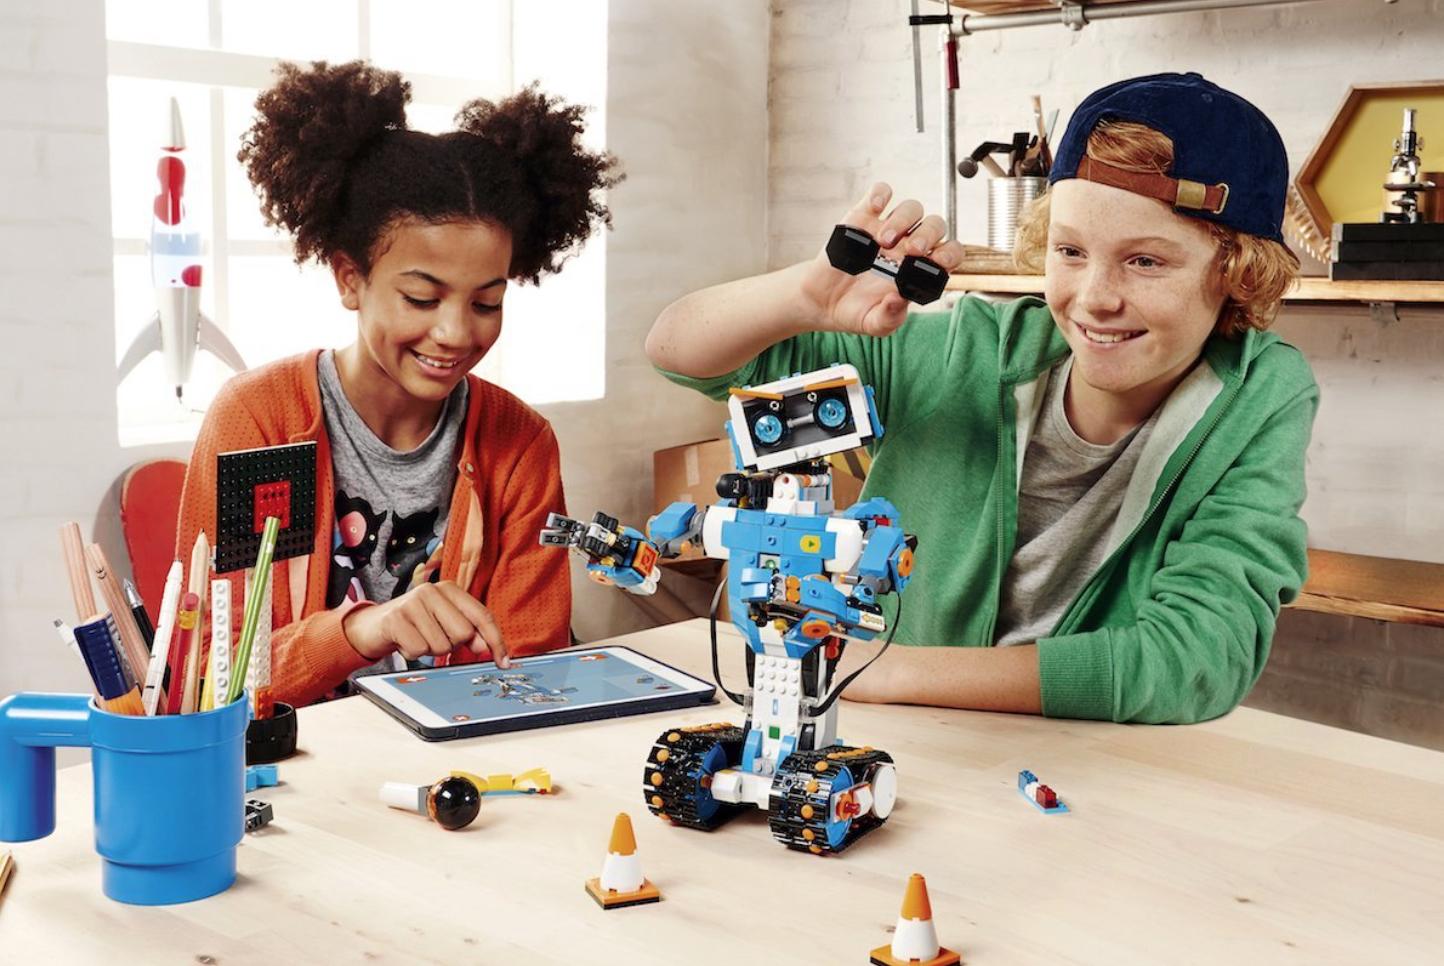 Plusklasleerlingen bouwen een robot met Lego